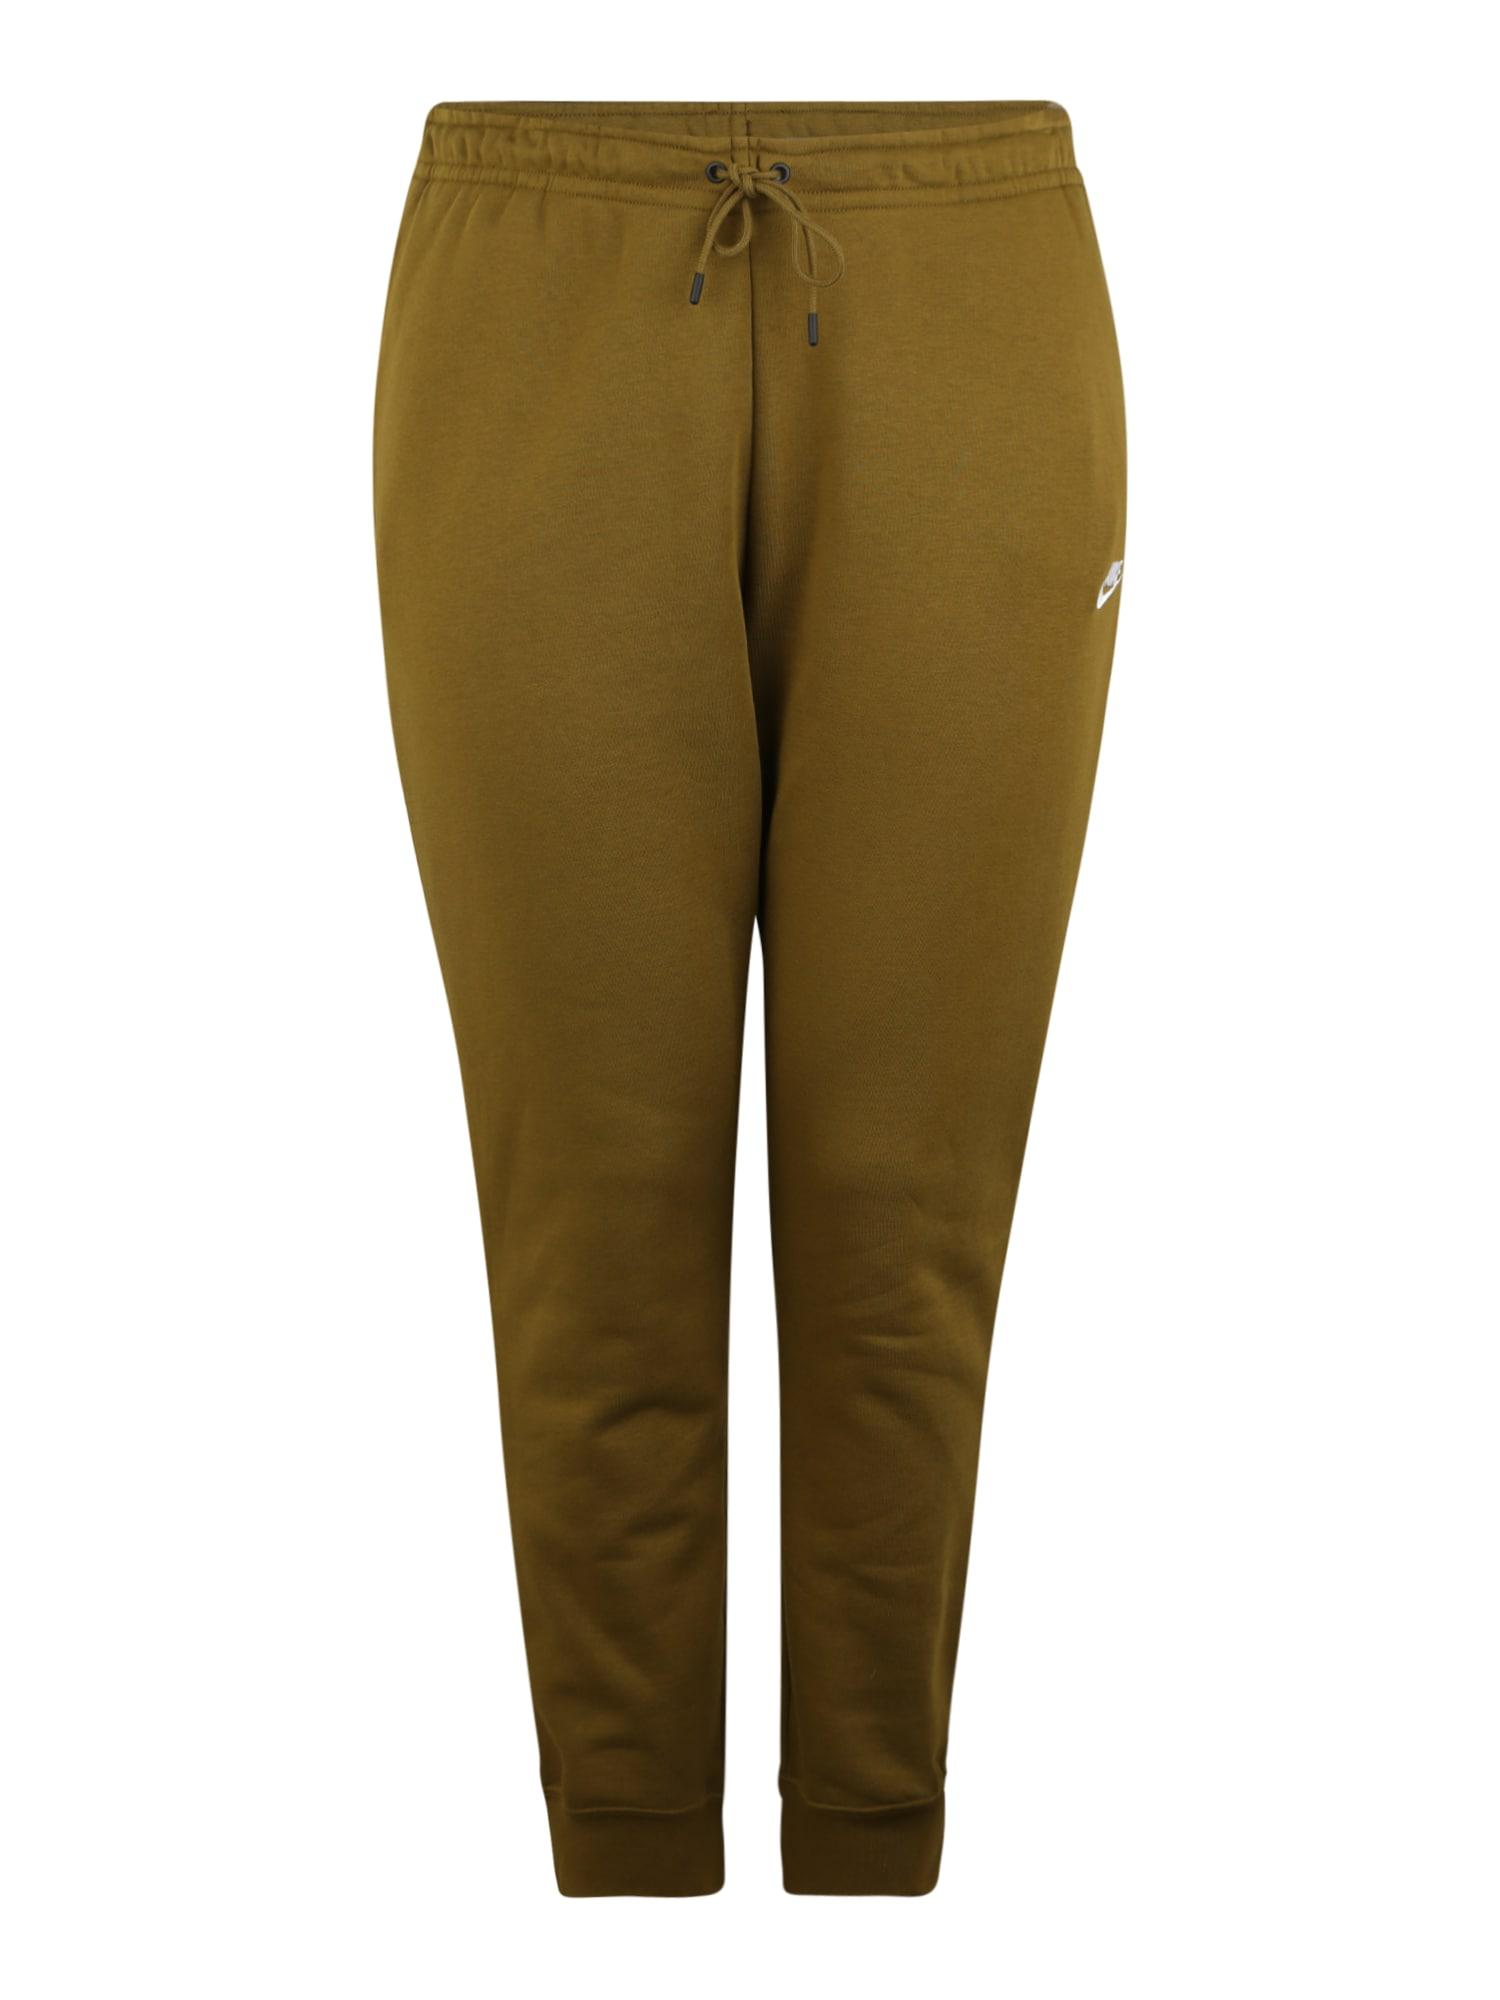 Nike Sportswear Kelnės alyvuogių spalva